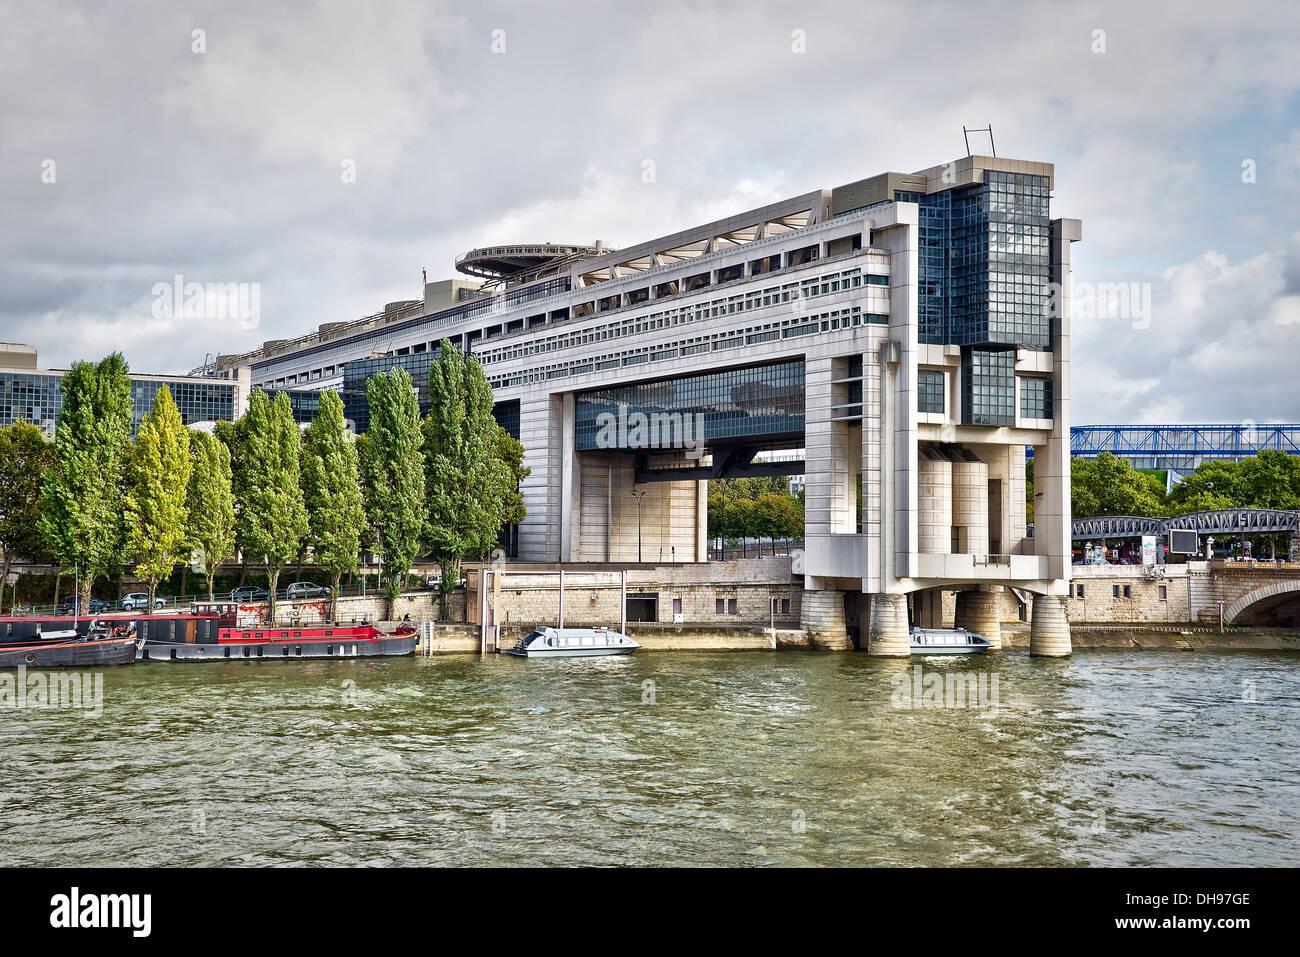 Le siège de la ministre de l'économie, des finances et de l'industrie à Bercy à Paris - France Photo Stock